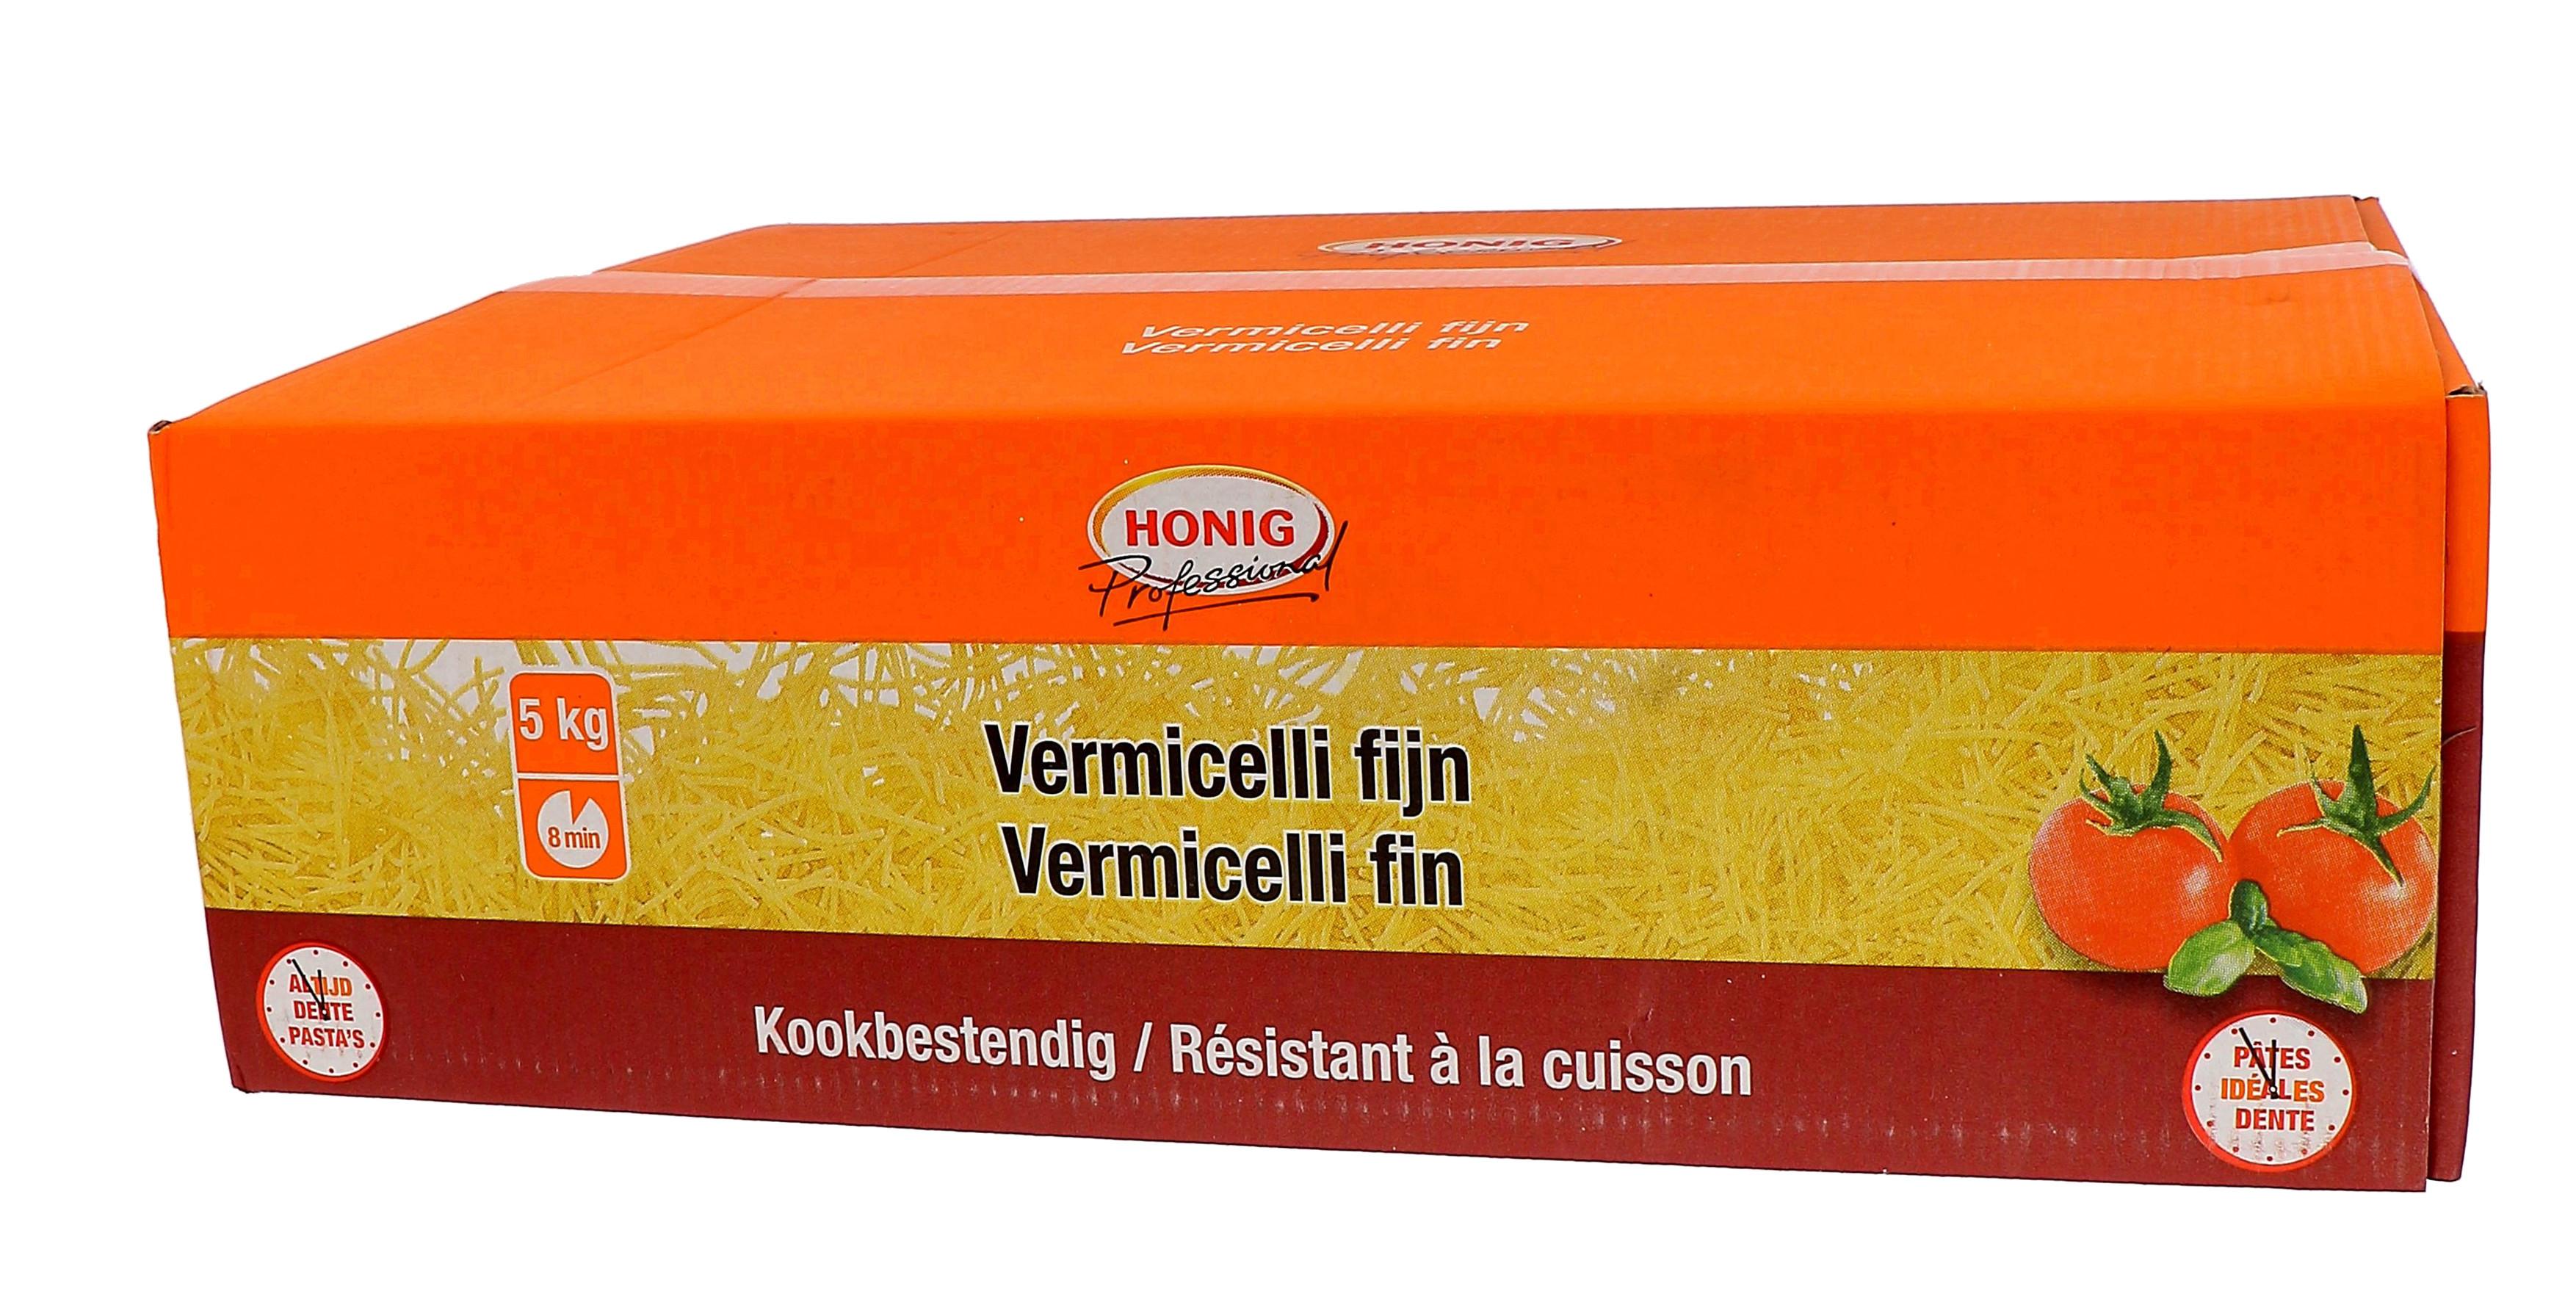 Honig pates vermicelles cheveux d'anges 5kg Professional